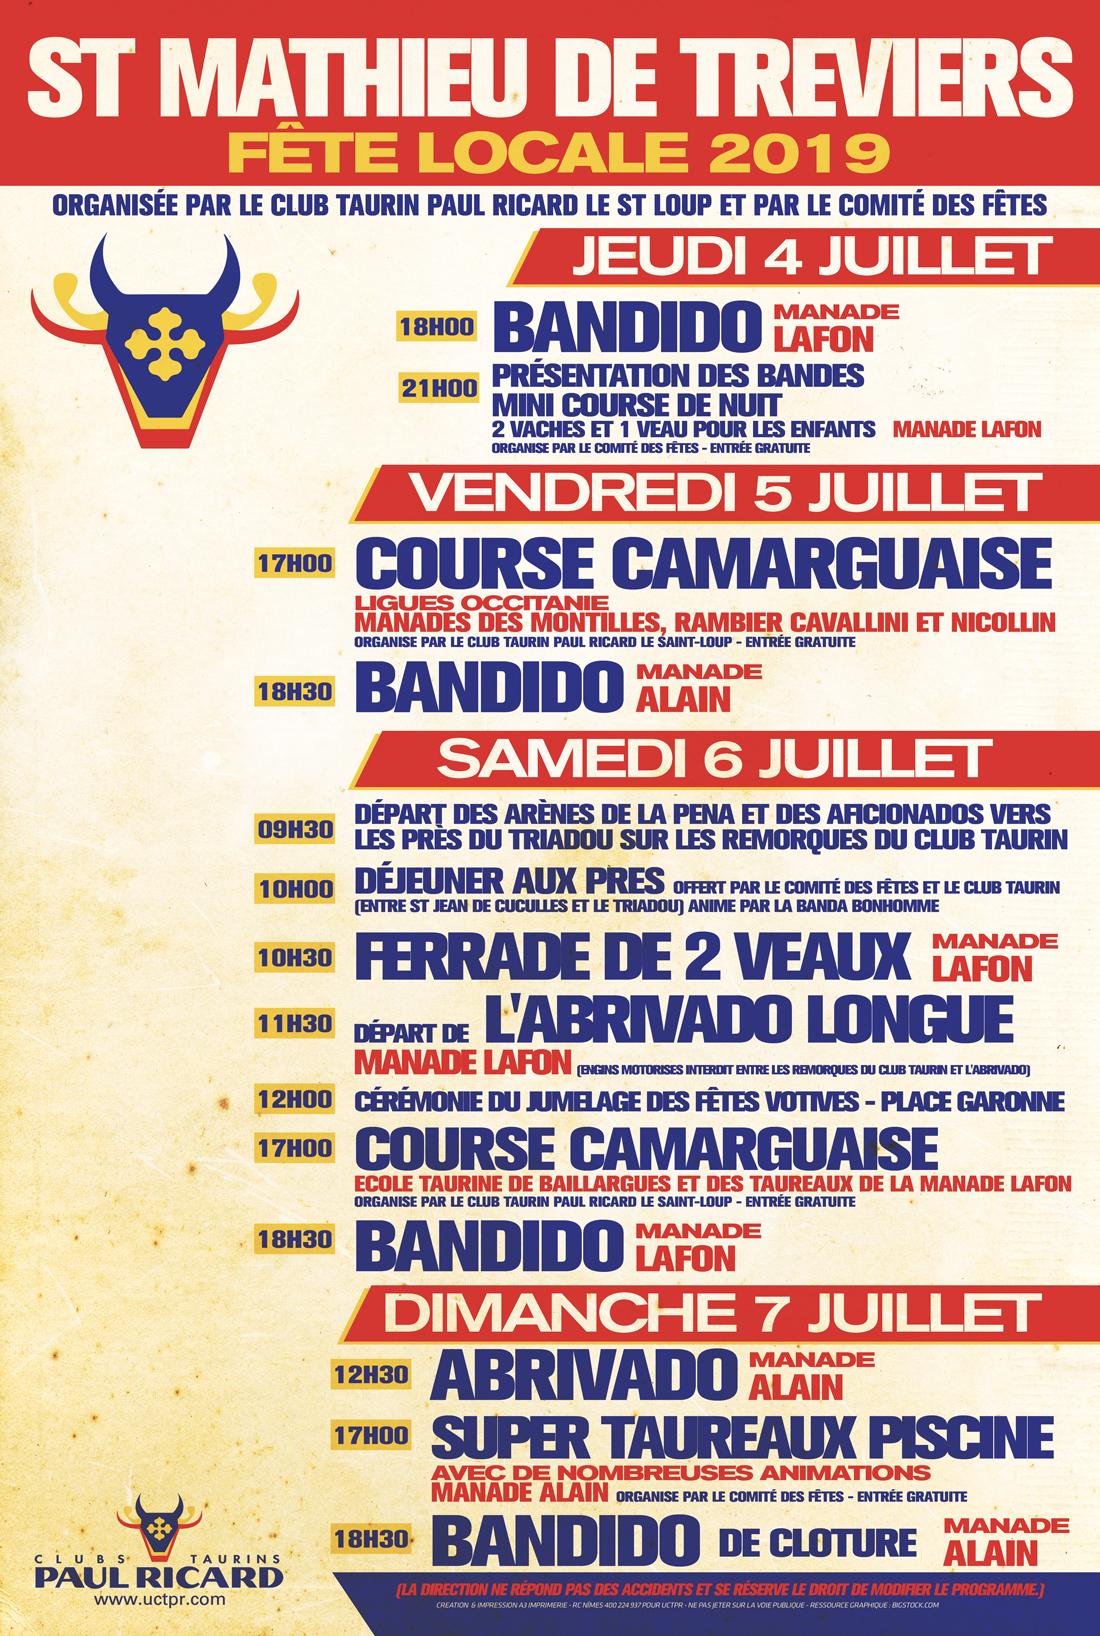 Fete Locale 2019 St-Mathieu De Treviers | Union Des Clubs ... intérieur Piscine St Mathieu De Treviers